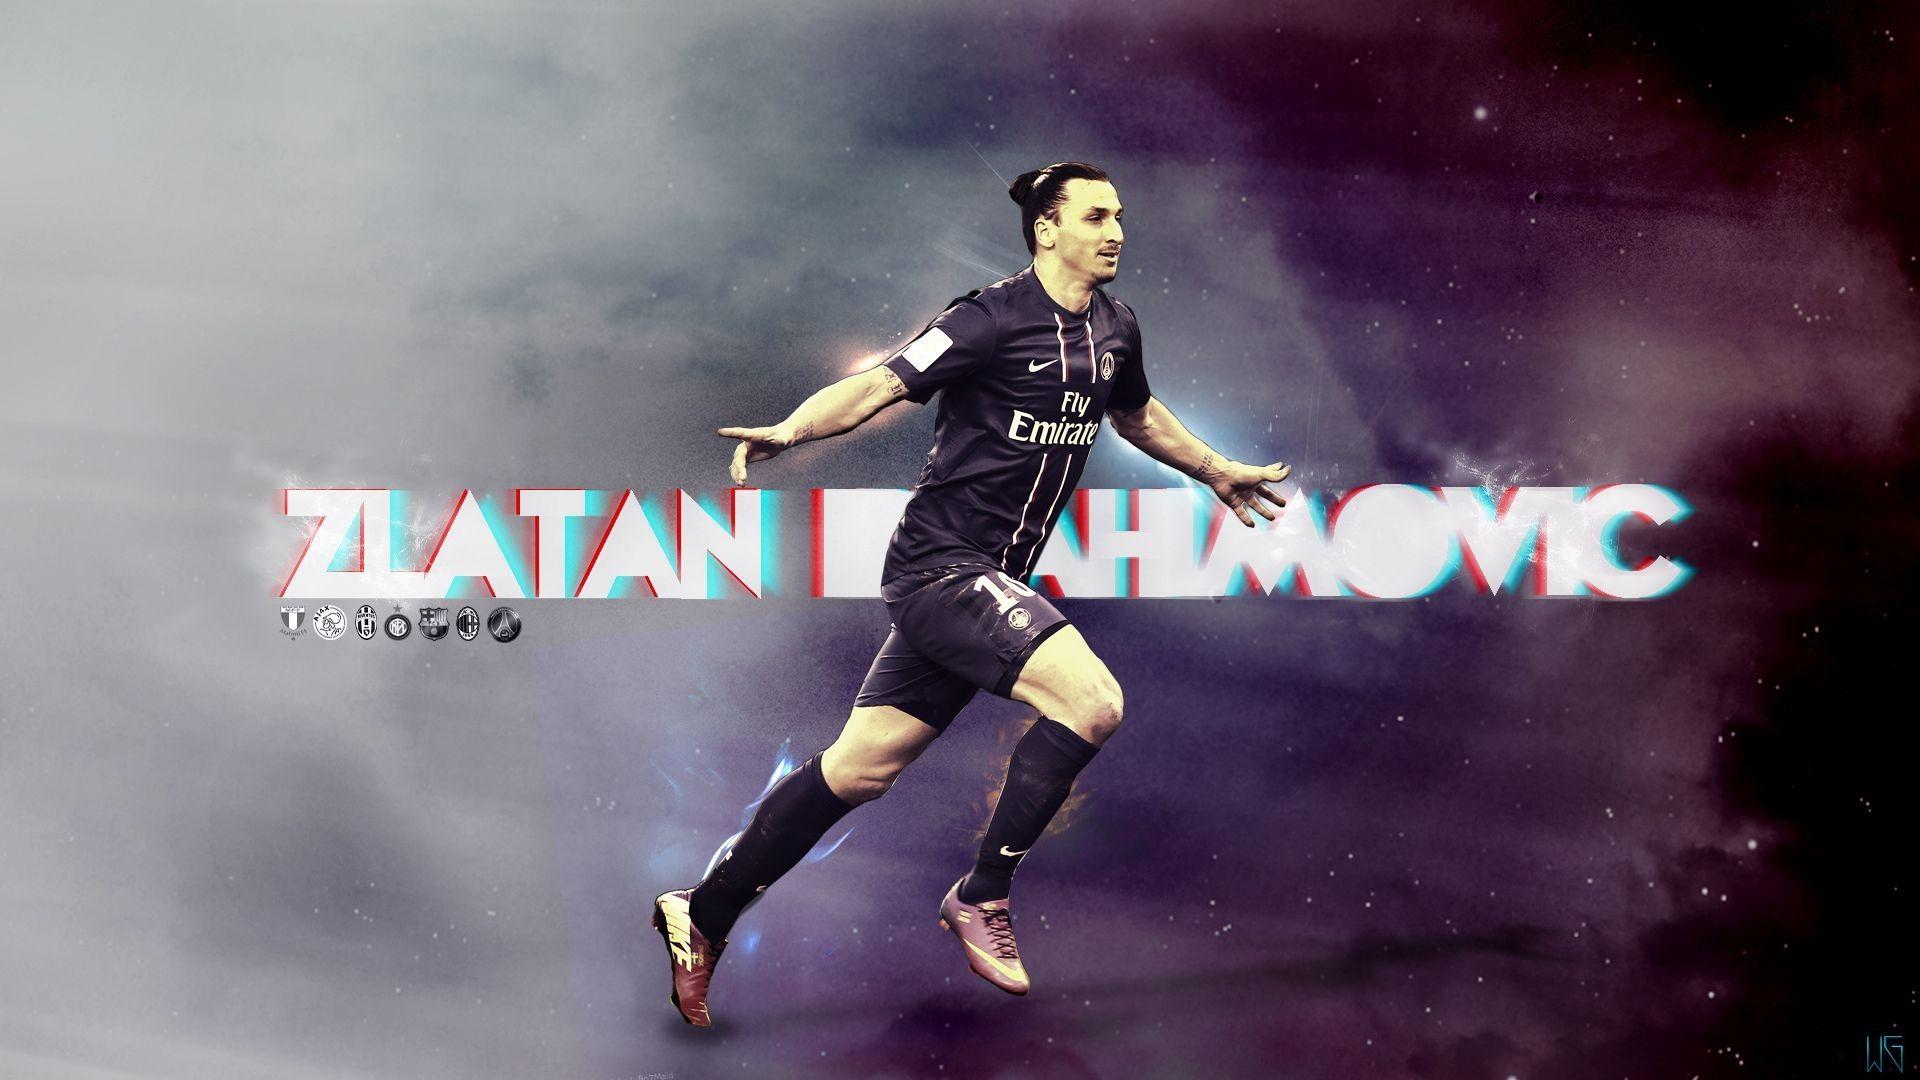 Unique Zlatan Ibrahimovic Pics Di 2020 Dengan Gambar